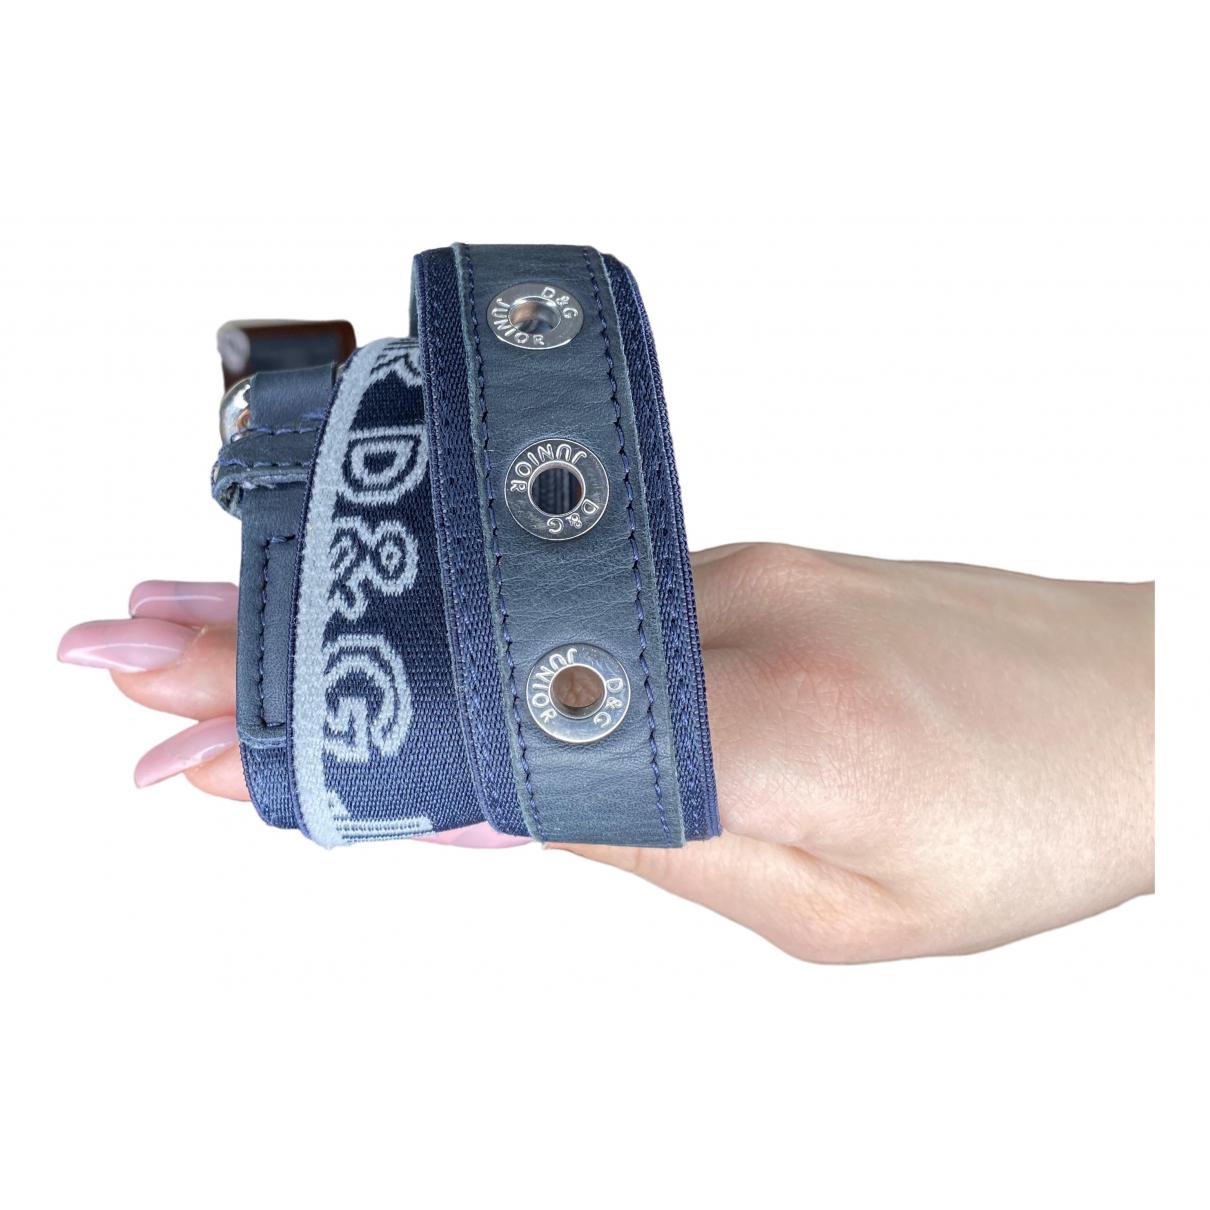 Cinturon / tirantes D&g